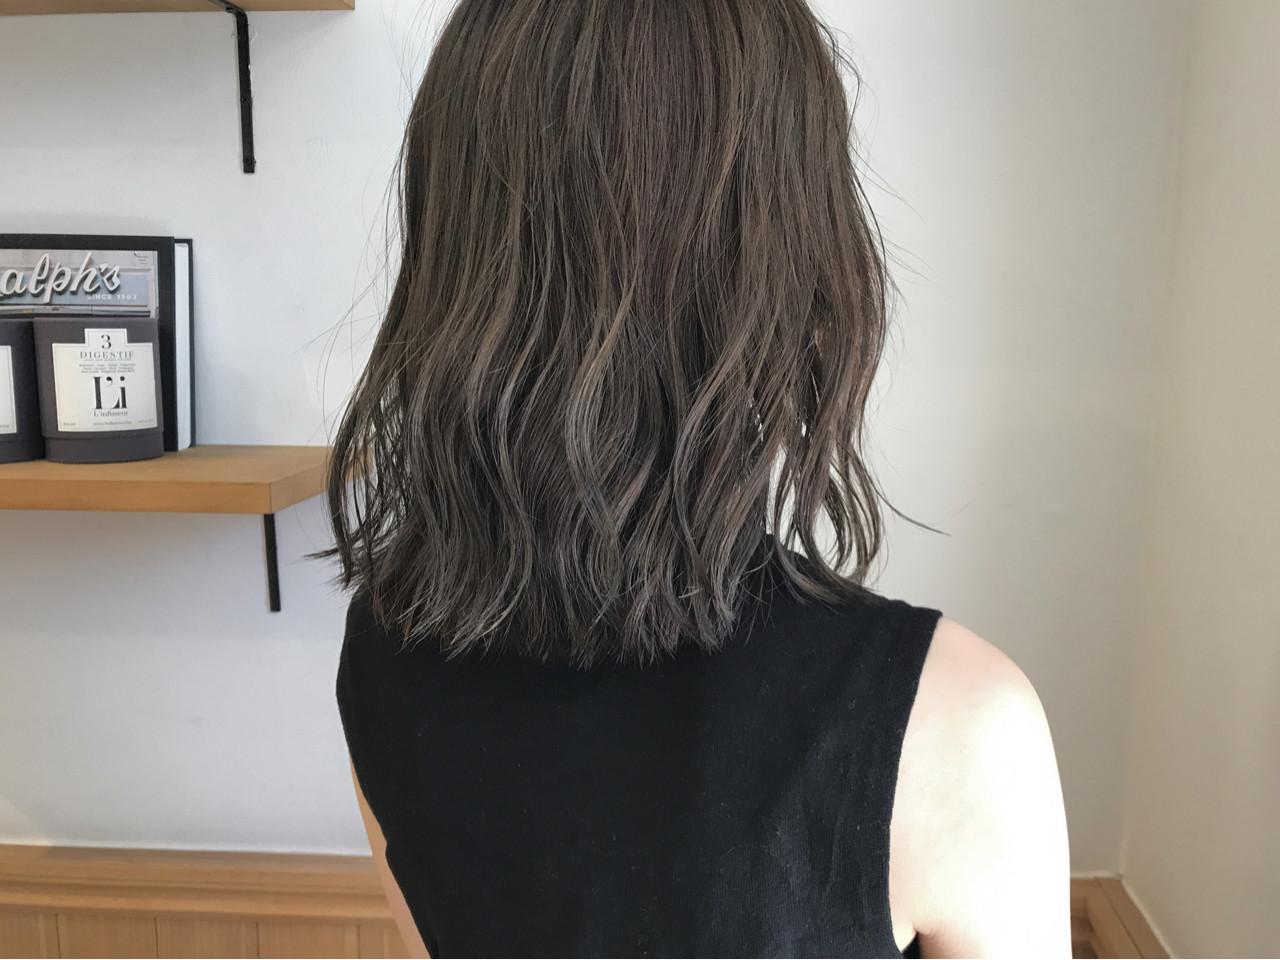 秋 ボブ ロブ ミディアム ヘアスタイルや髪型の写真・画像